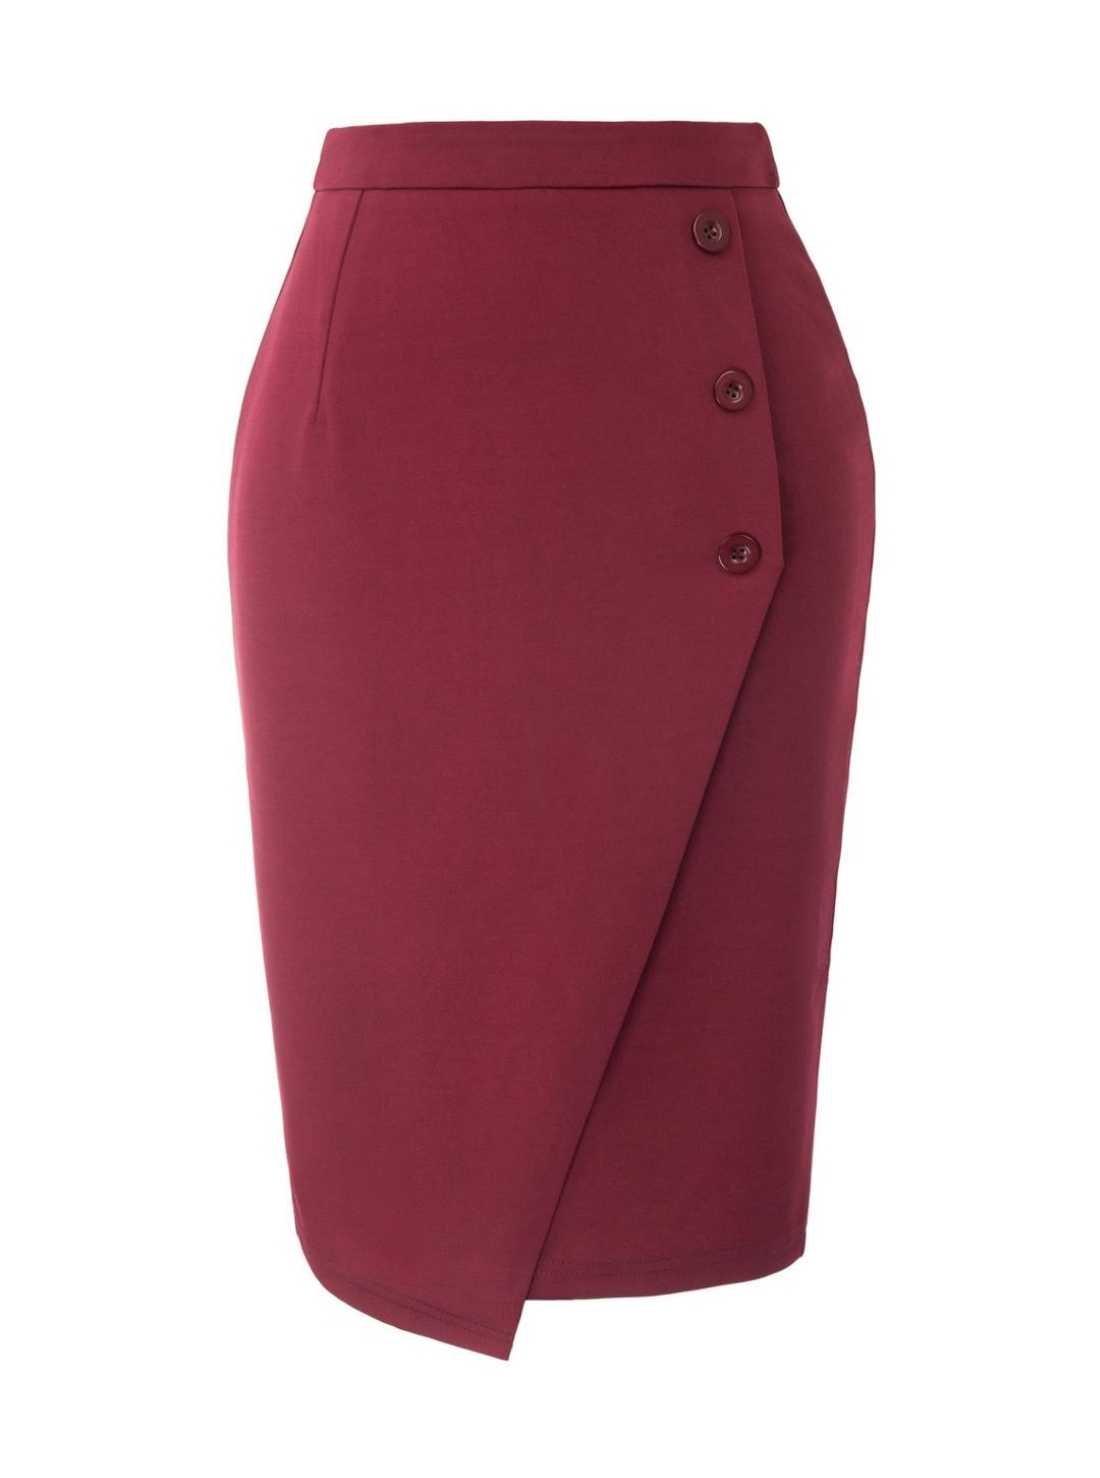 Women's Elegant Skirt